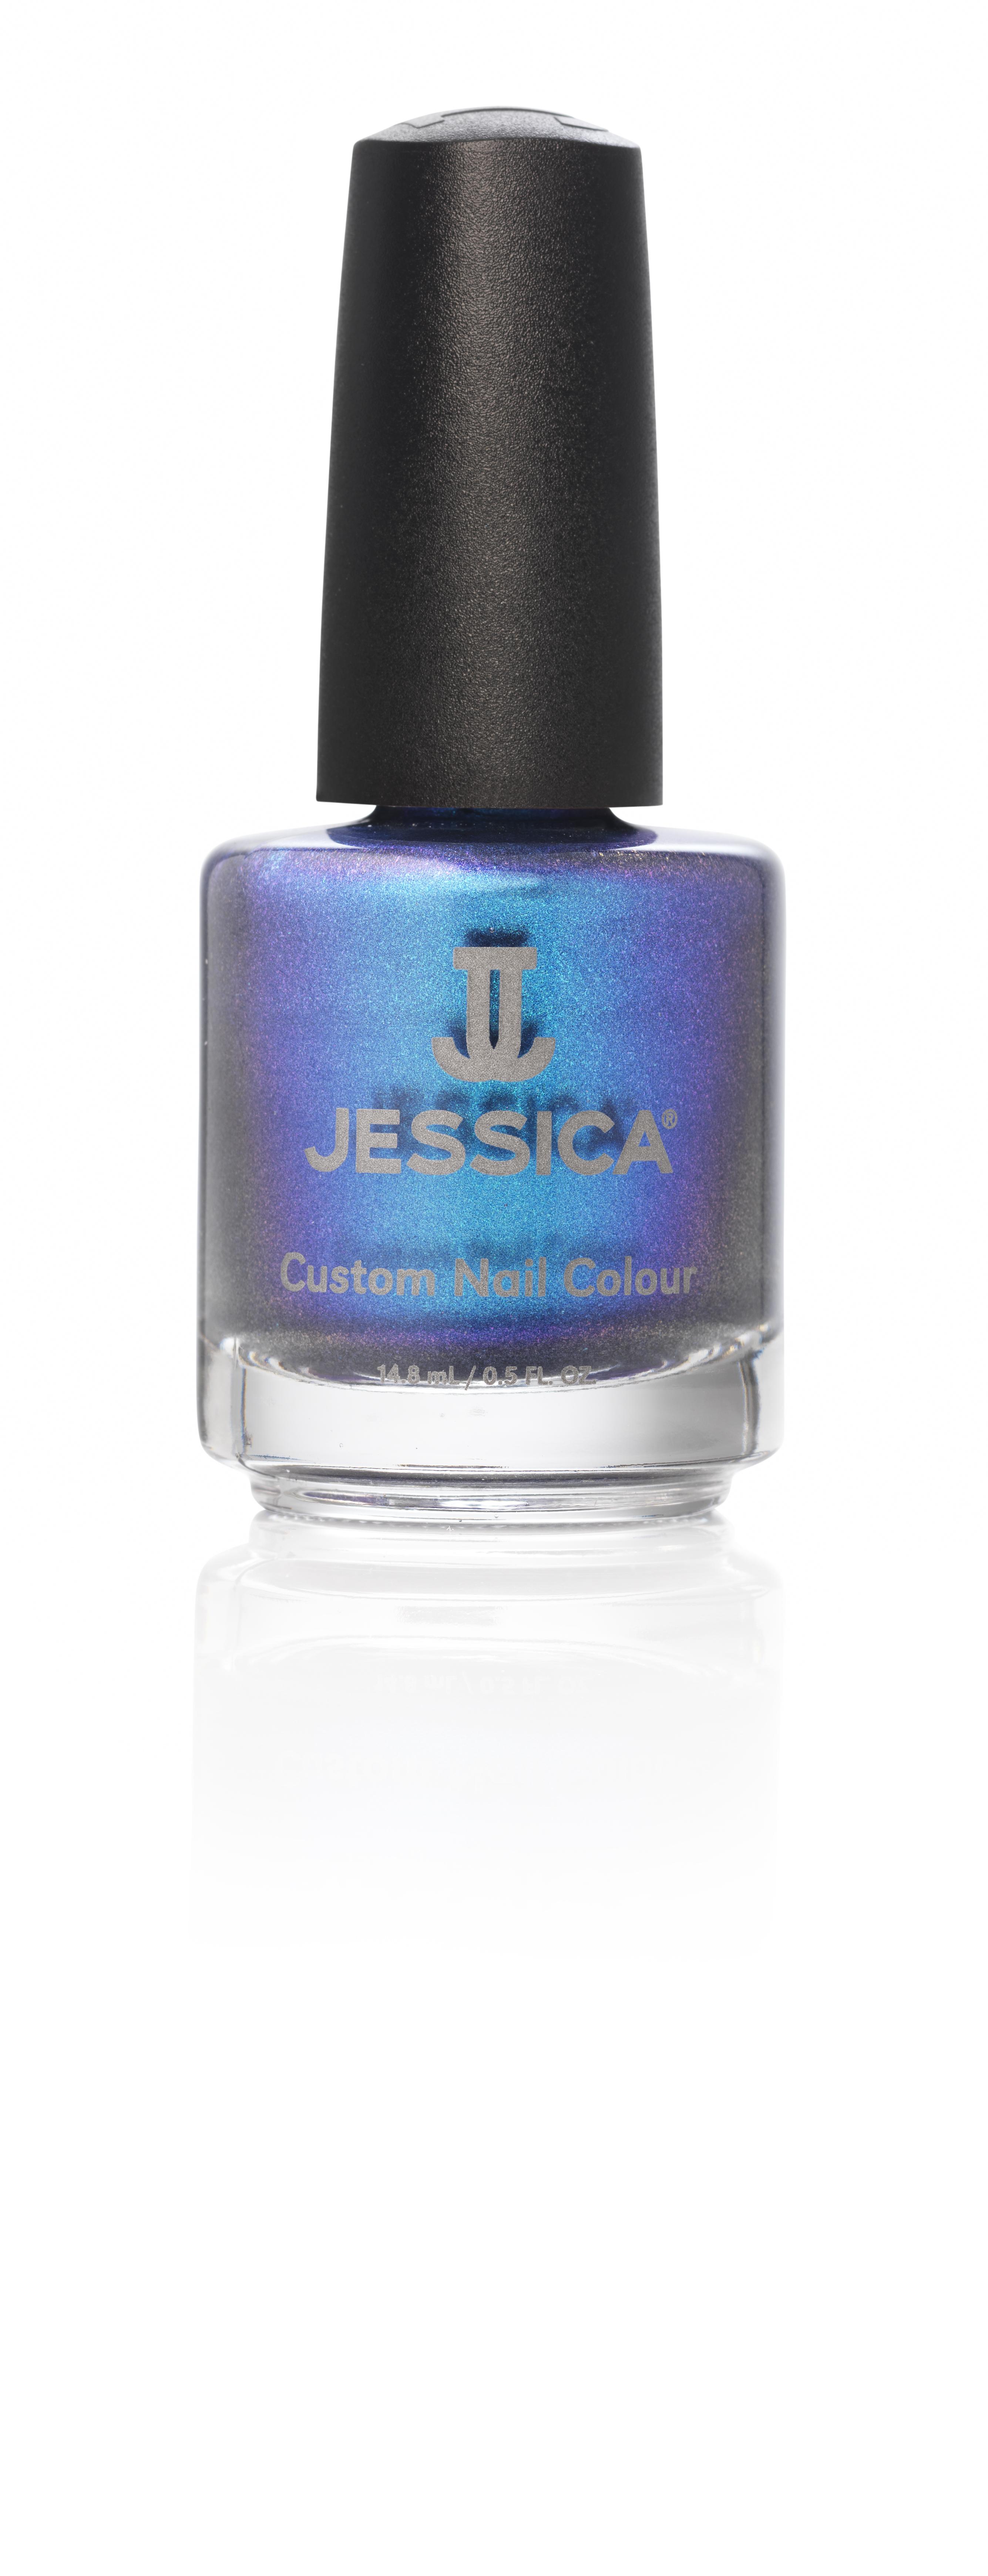 Jessica Лак для ногтей 945 Krishna Blue 14,8 мл1301207Лаки JESSICA содержат витамины A, Д и Е, обеспечивают дополнительную защиту ногтей и усиливают терапевтическое воздействие базовых средств и средств-корректоров.